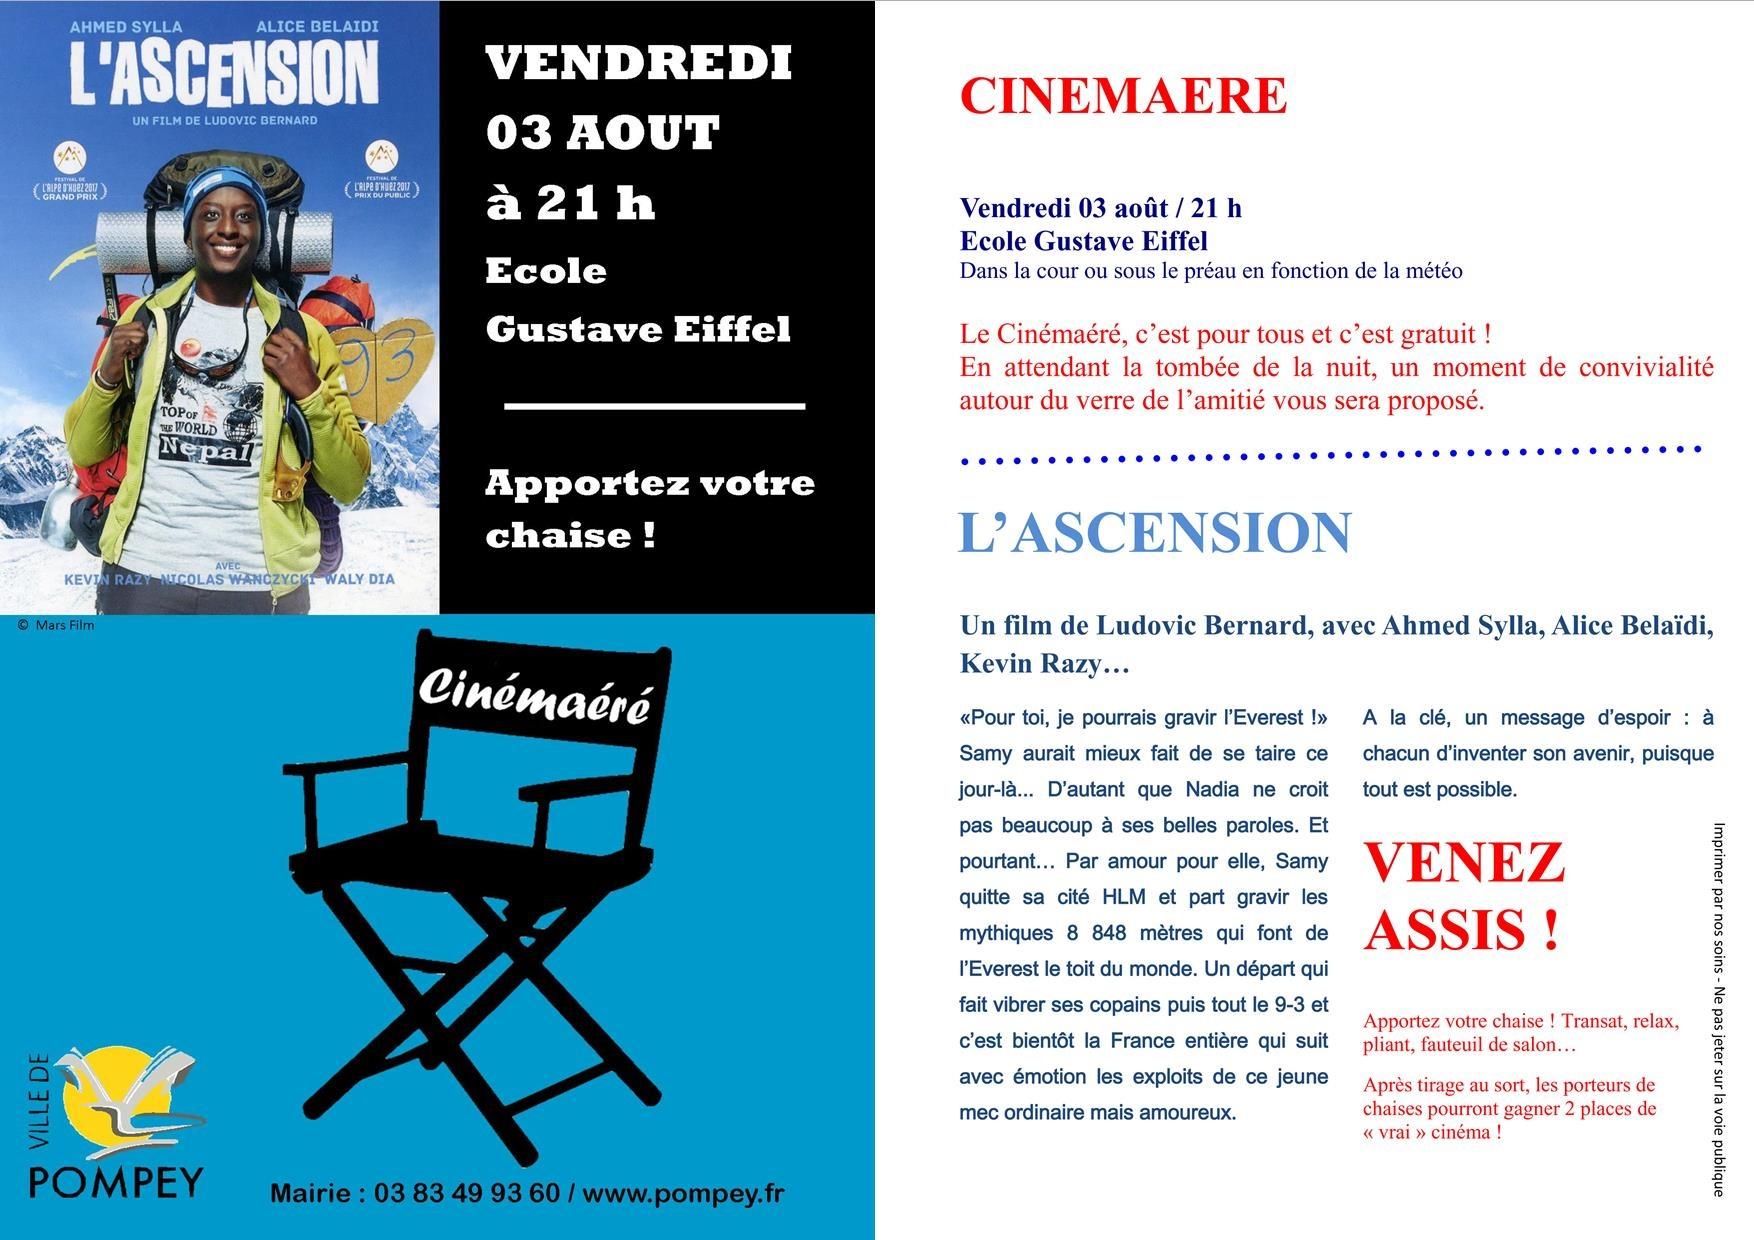 Cinémaéré Ascension 3 août